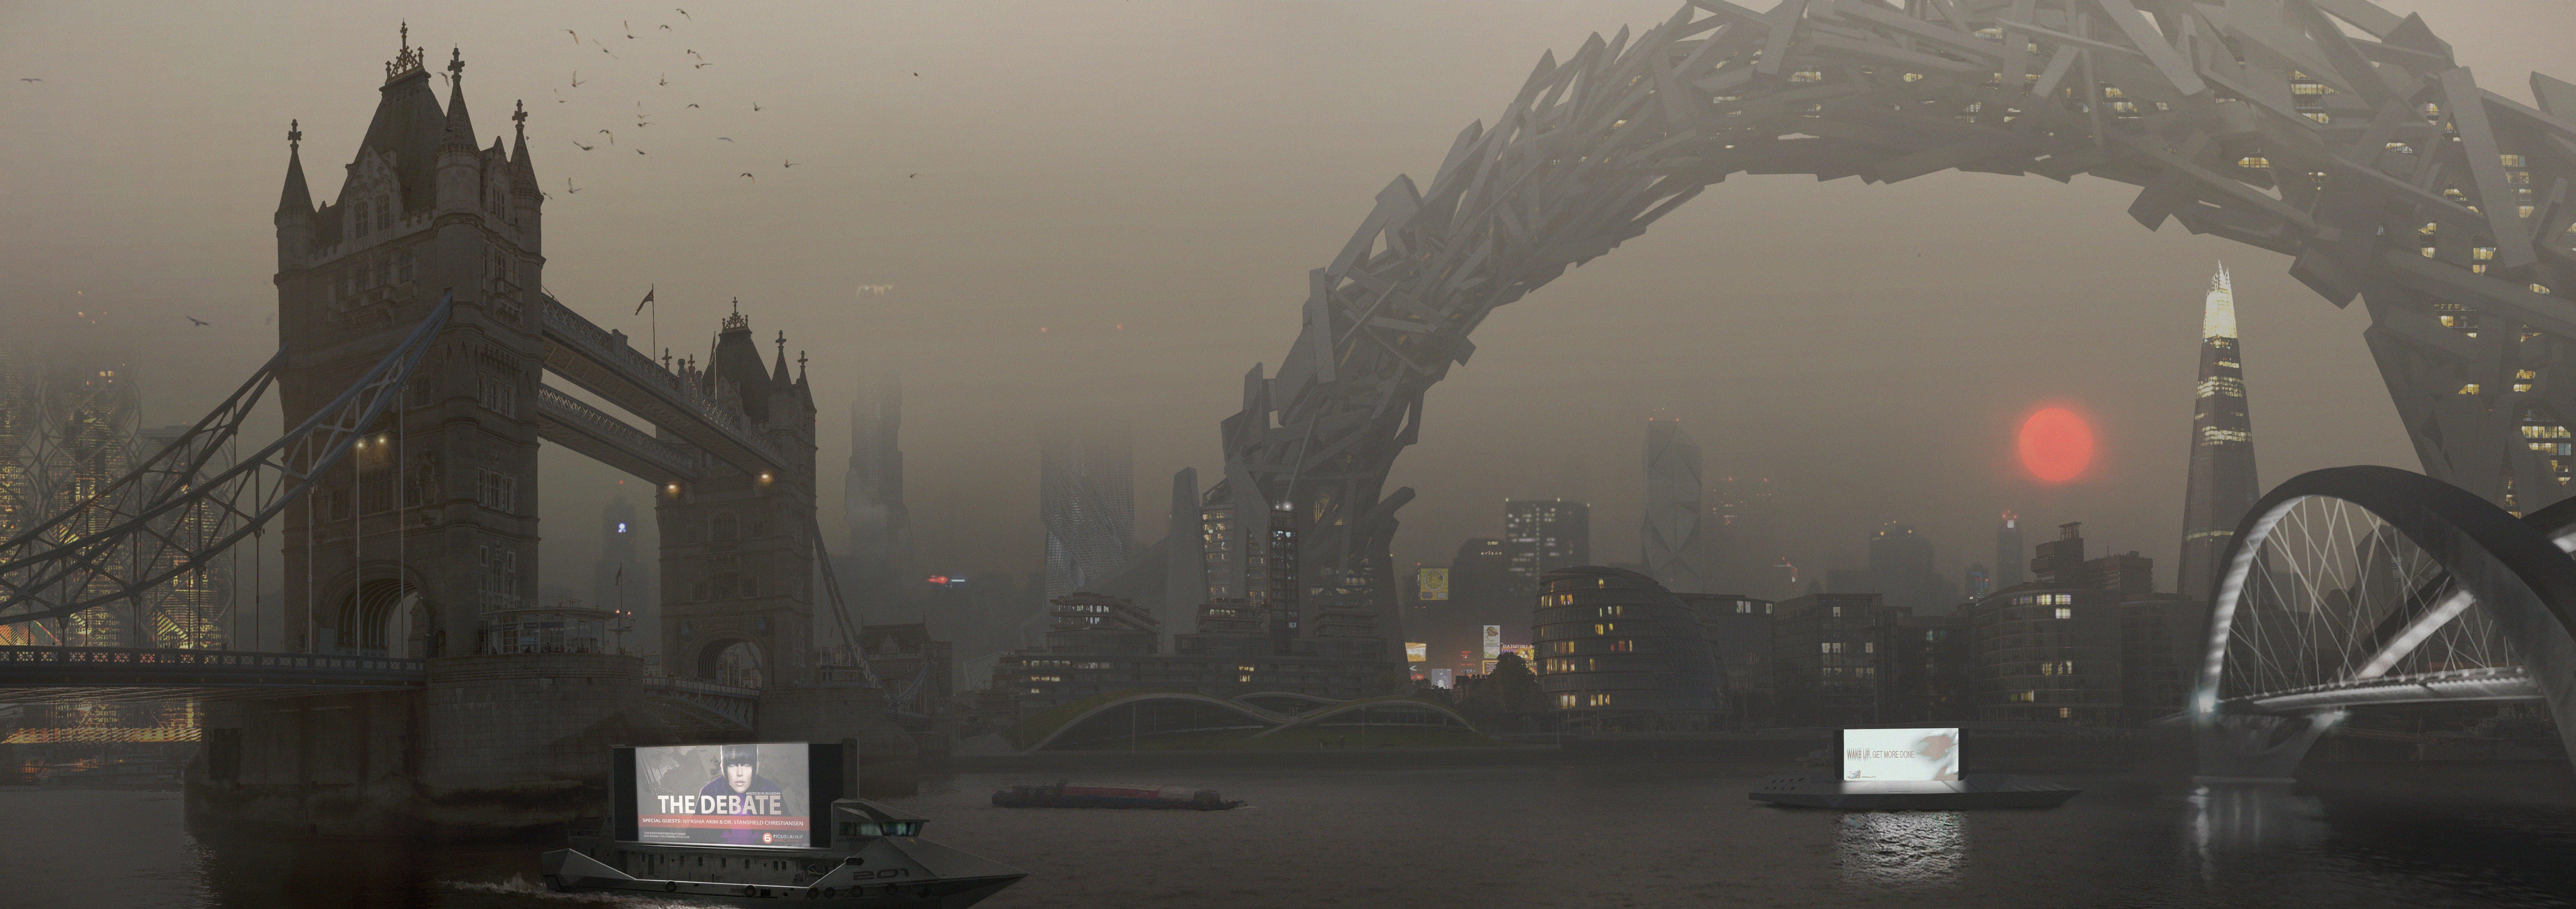 Города 2029 - Deus Ex: Mankind Divided  - Изображение 2